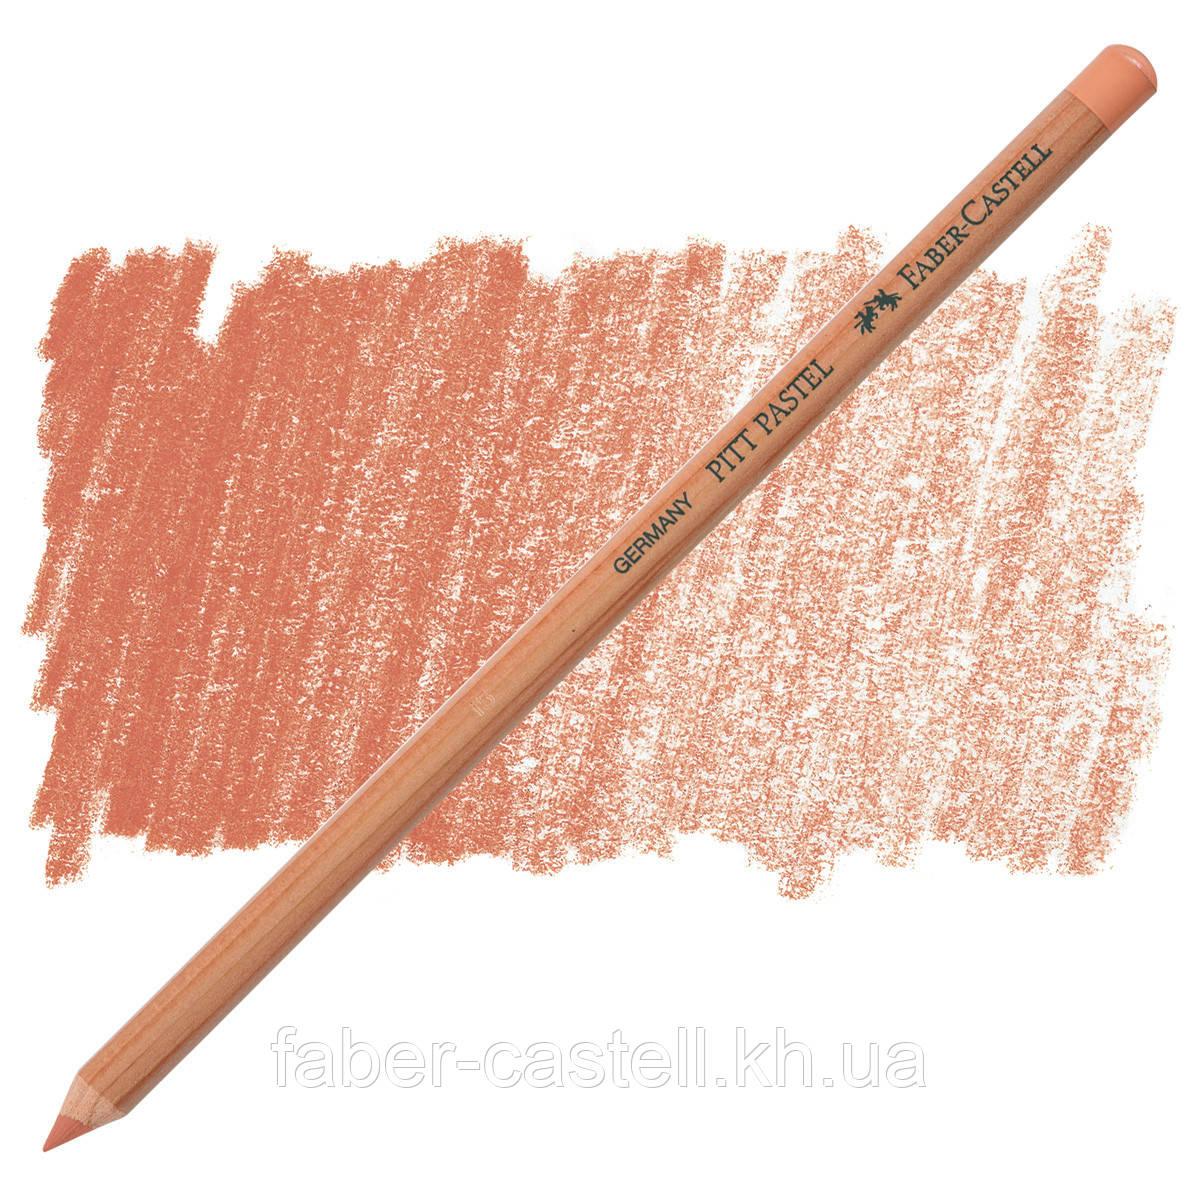 Карандаш пастельный Faber-Castell PITT корица (pastel cinnamon)  № 189, 112289